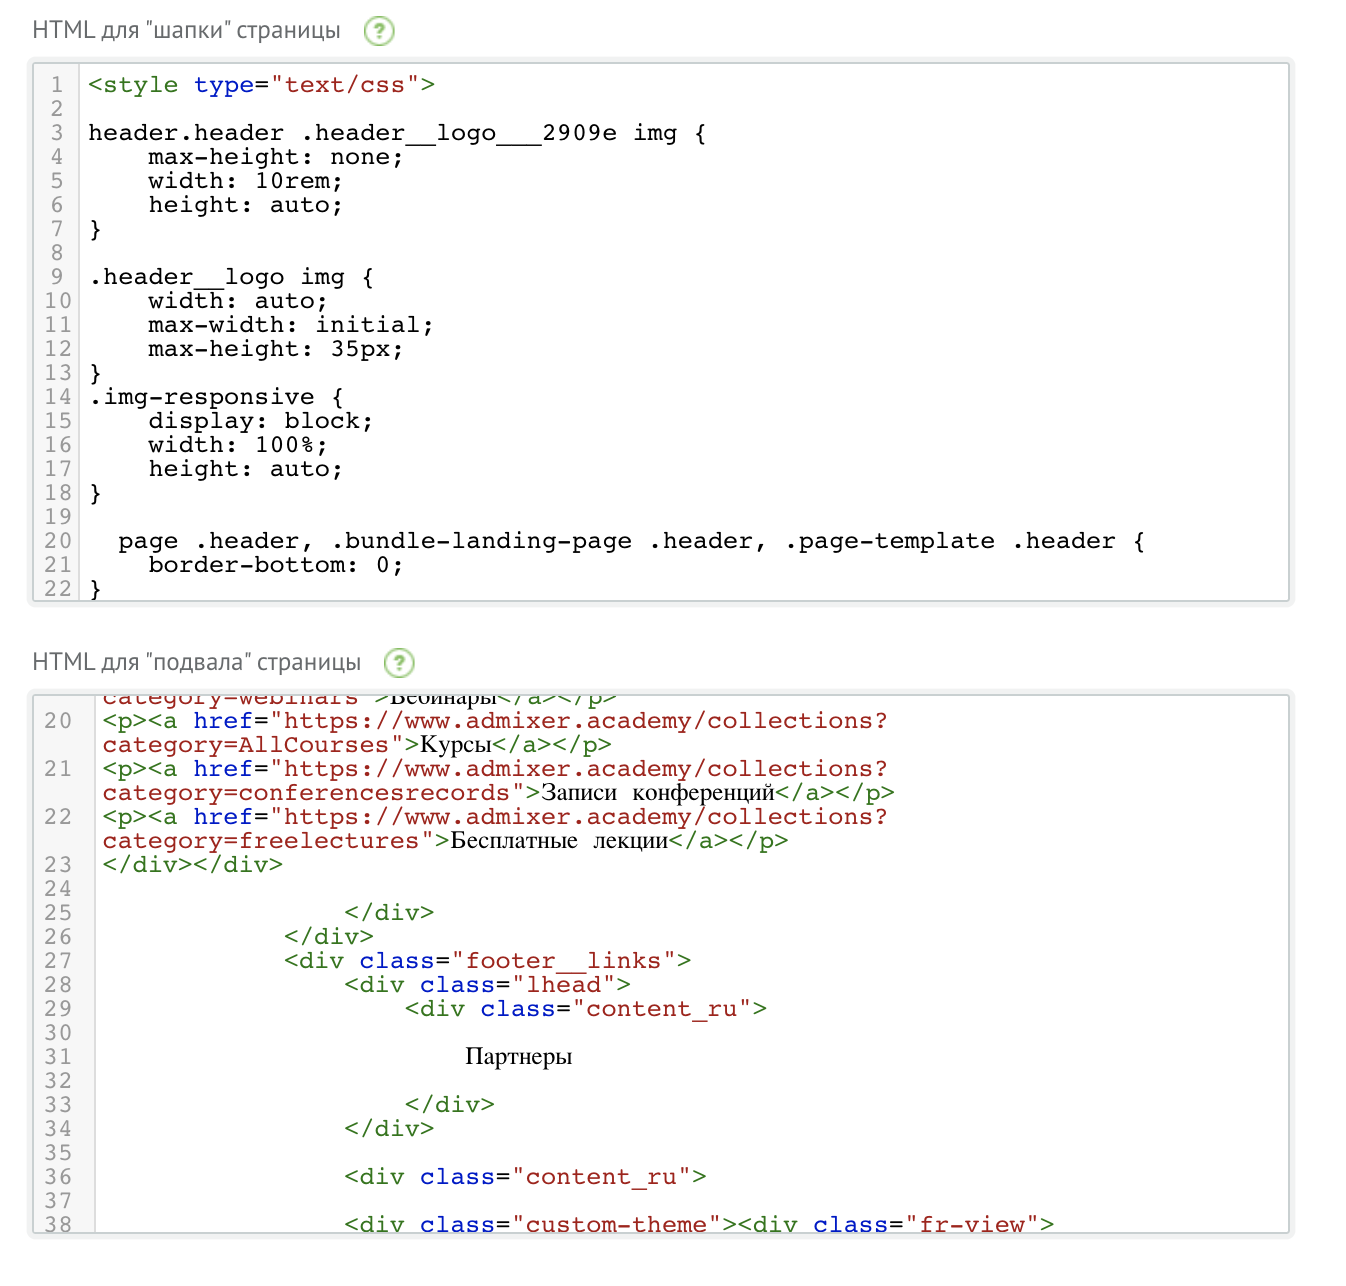 Оформление страницы отписки с помощью html